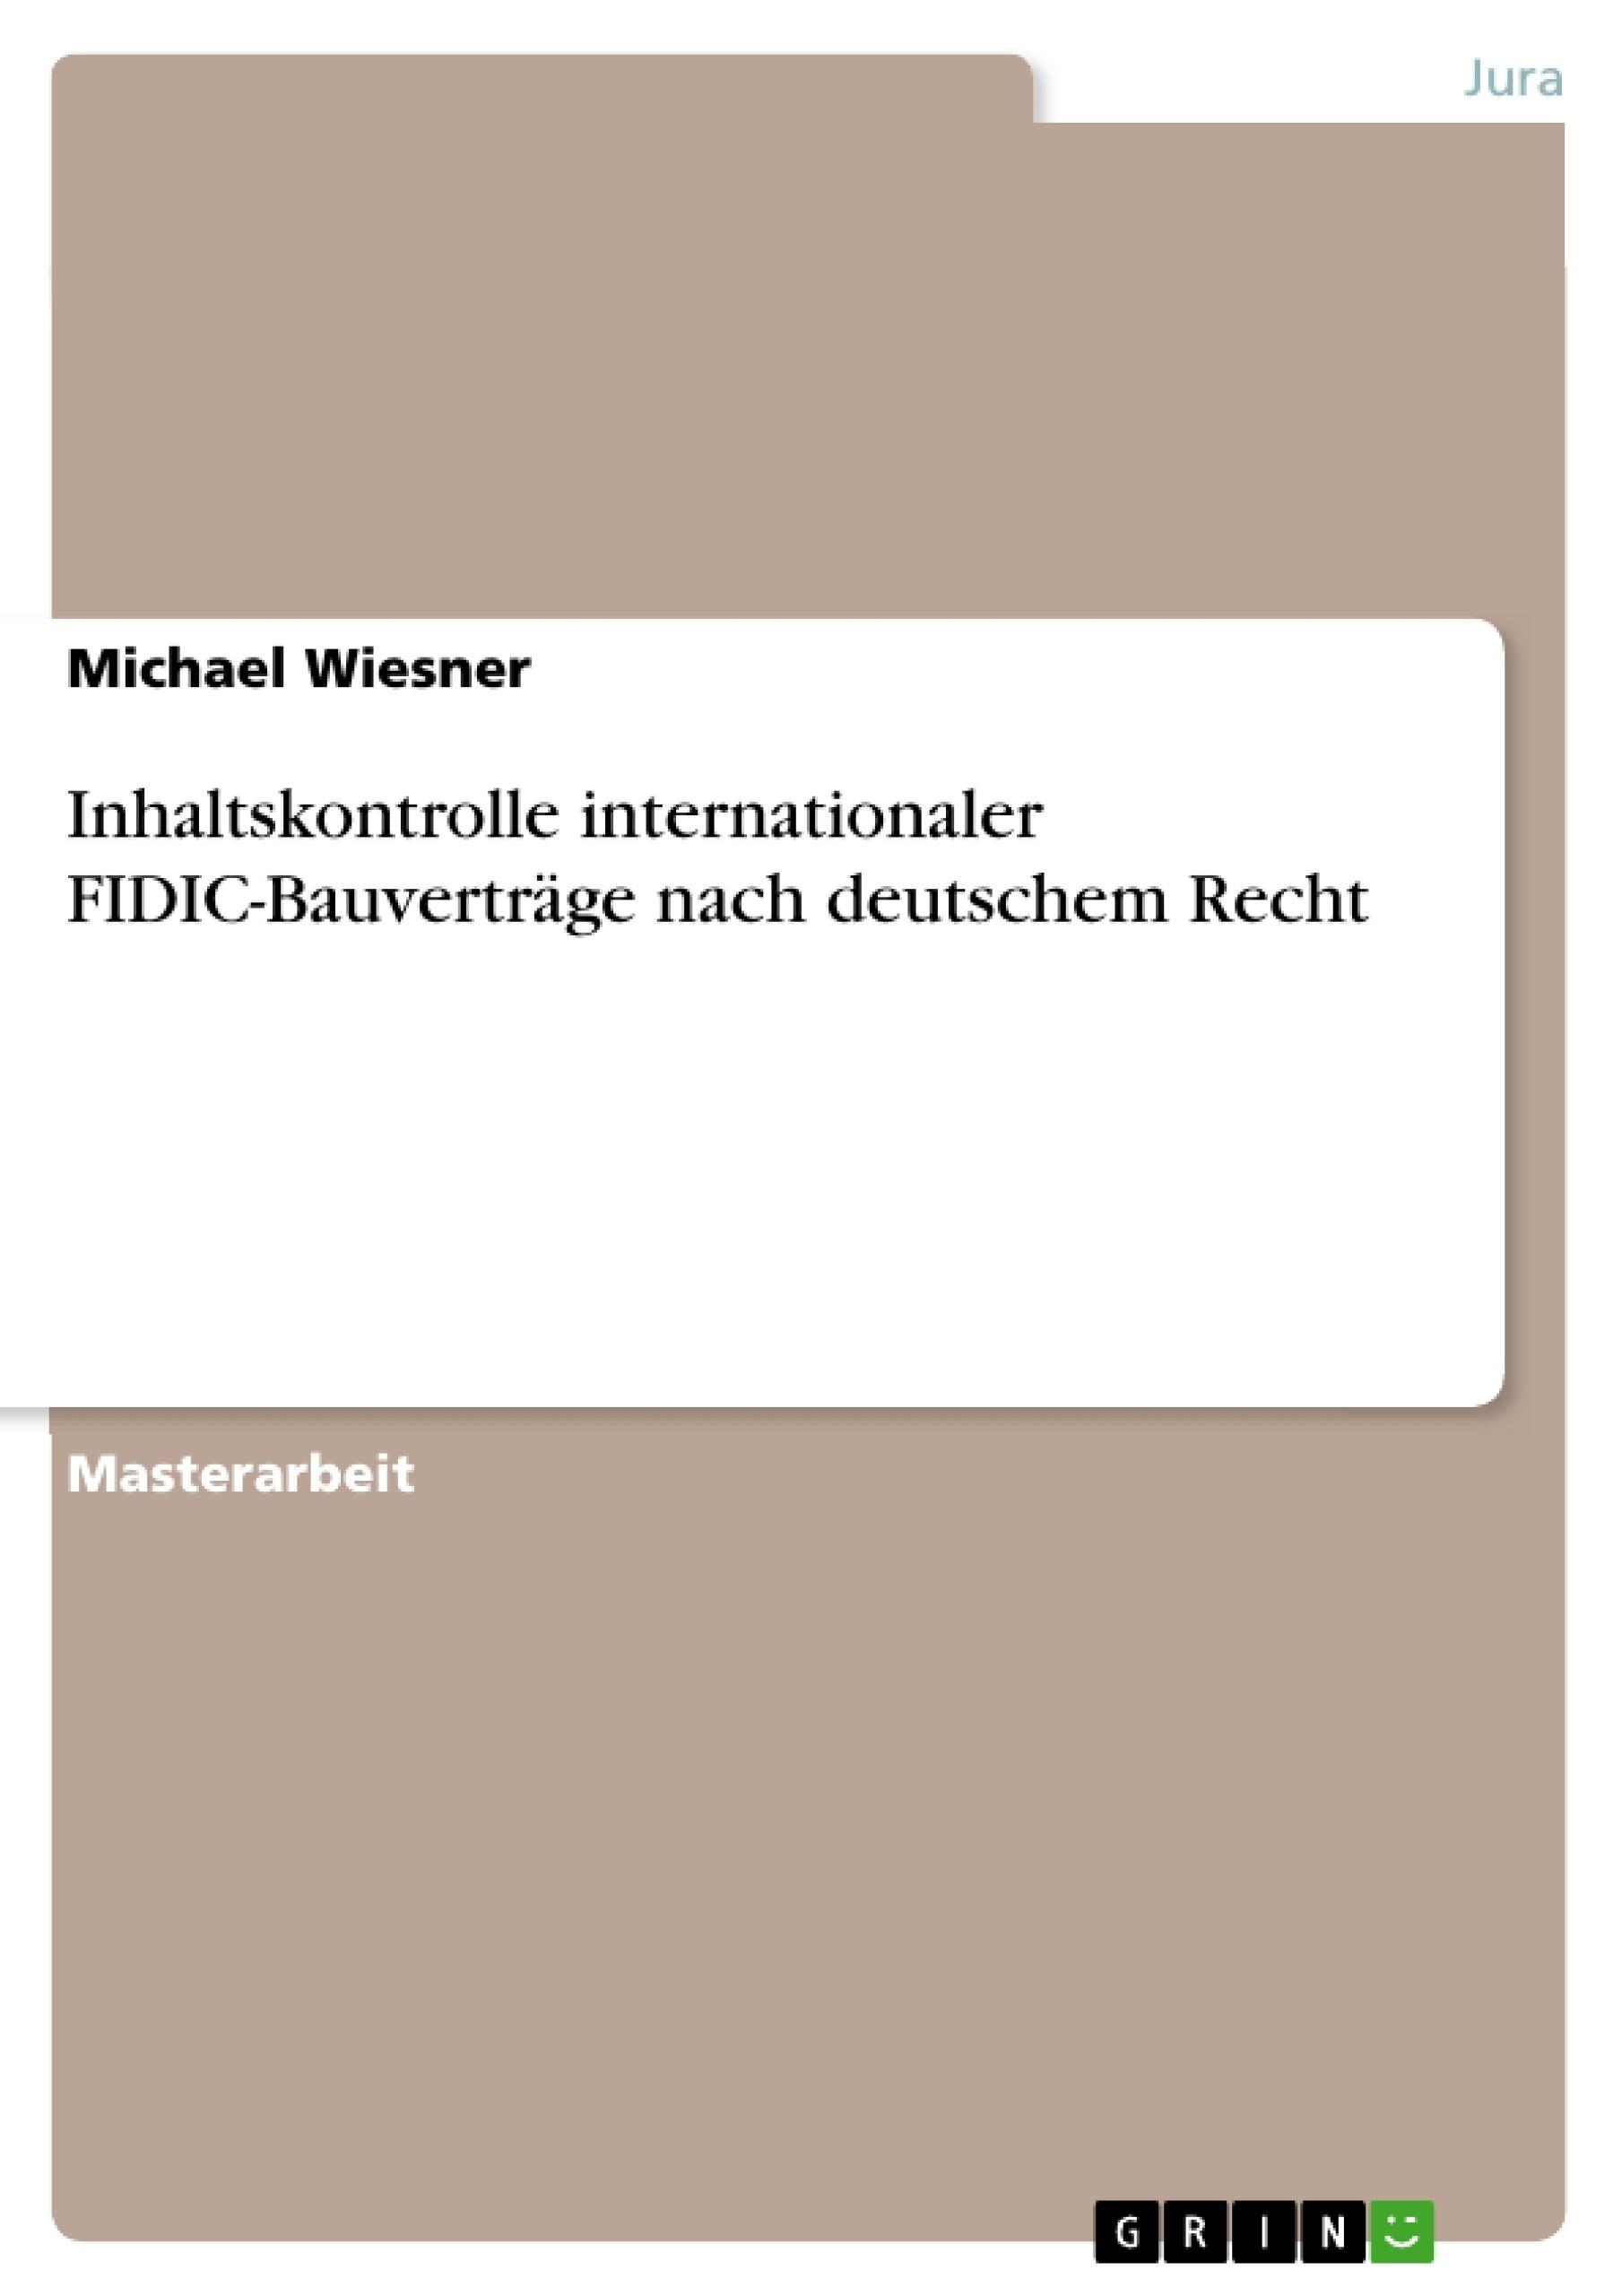 Titel: Inhaltskontrolle internationaler FIDIC-Bauverträge nach deutschem Recht